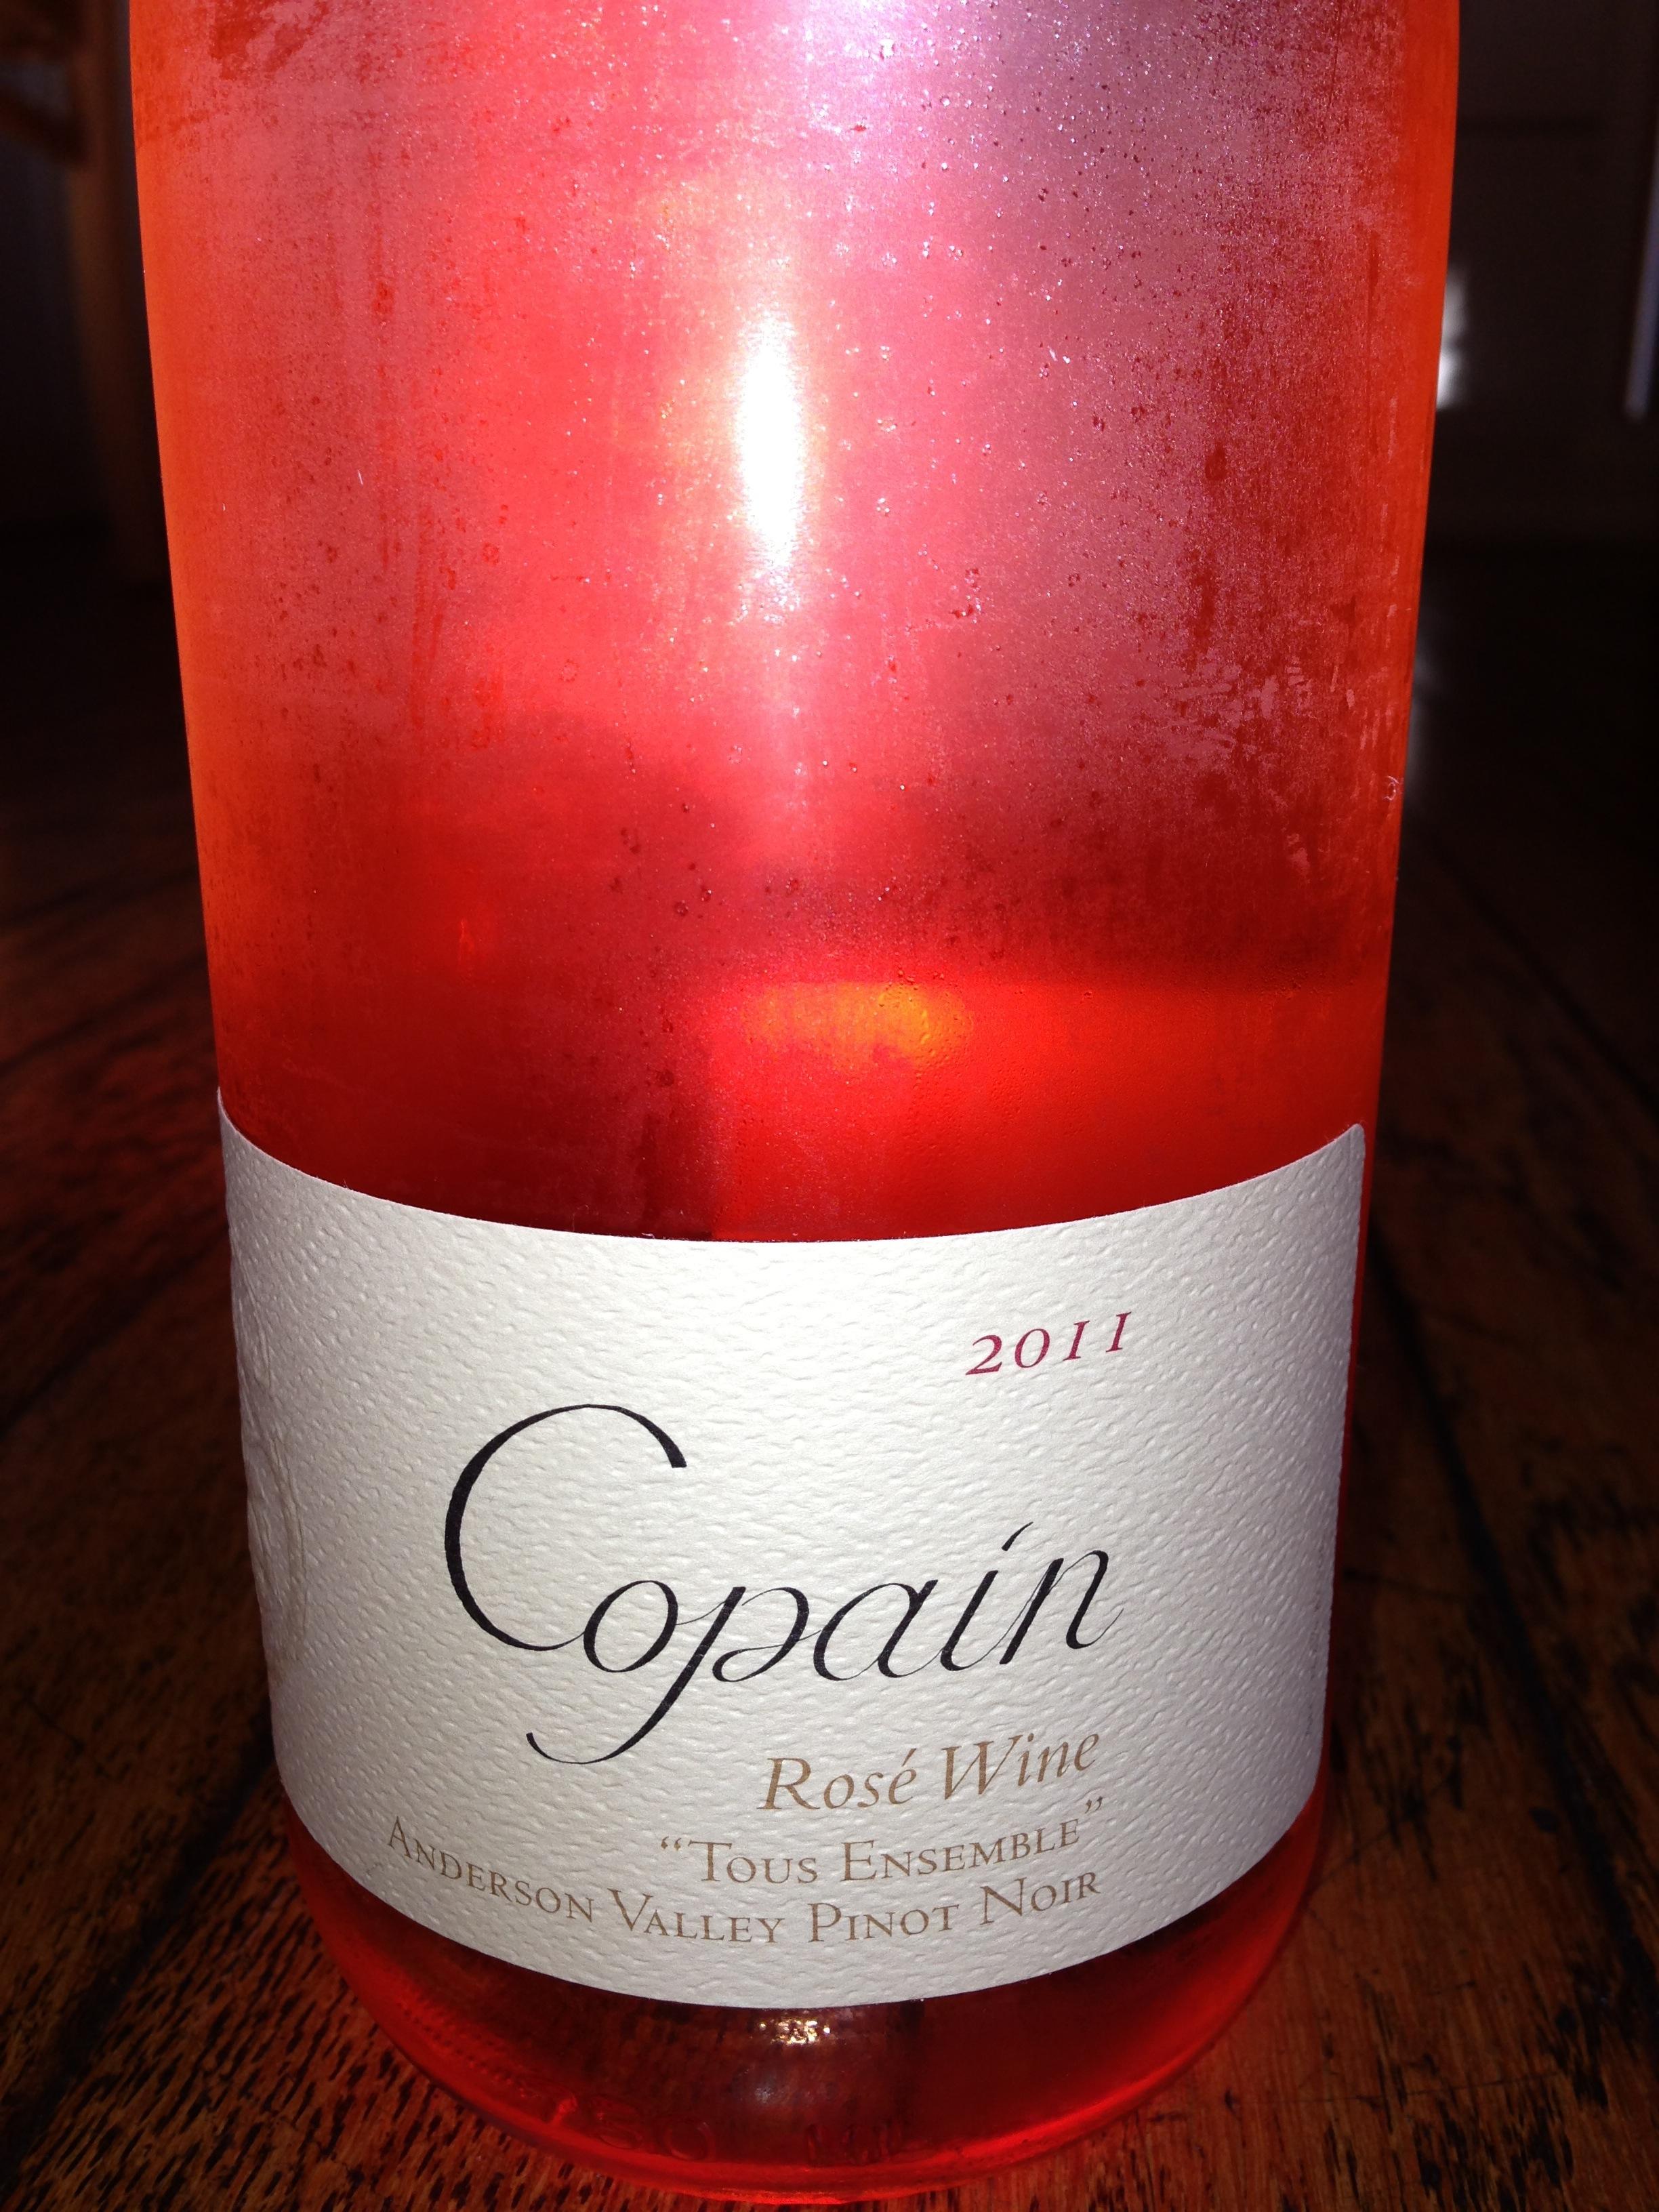 Copain 2011 Rose Wine